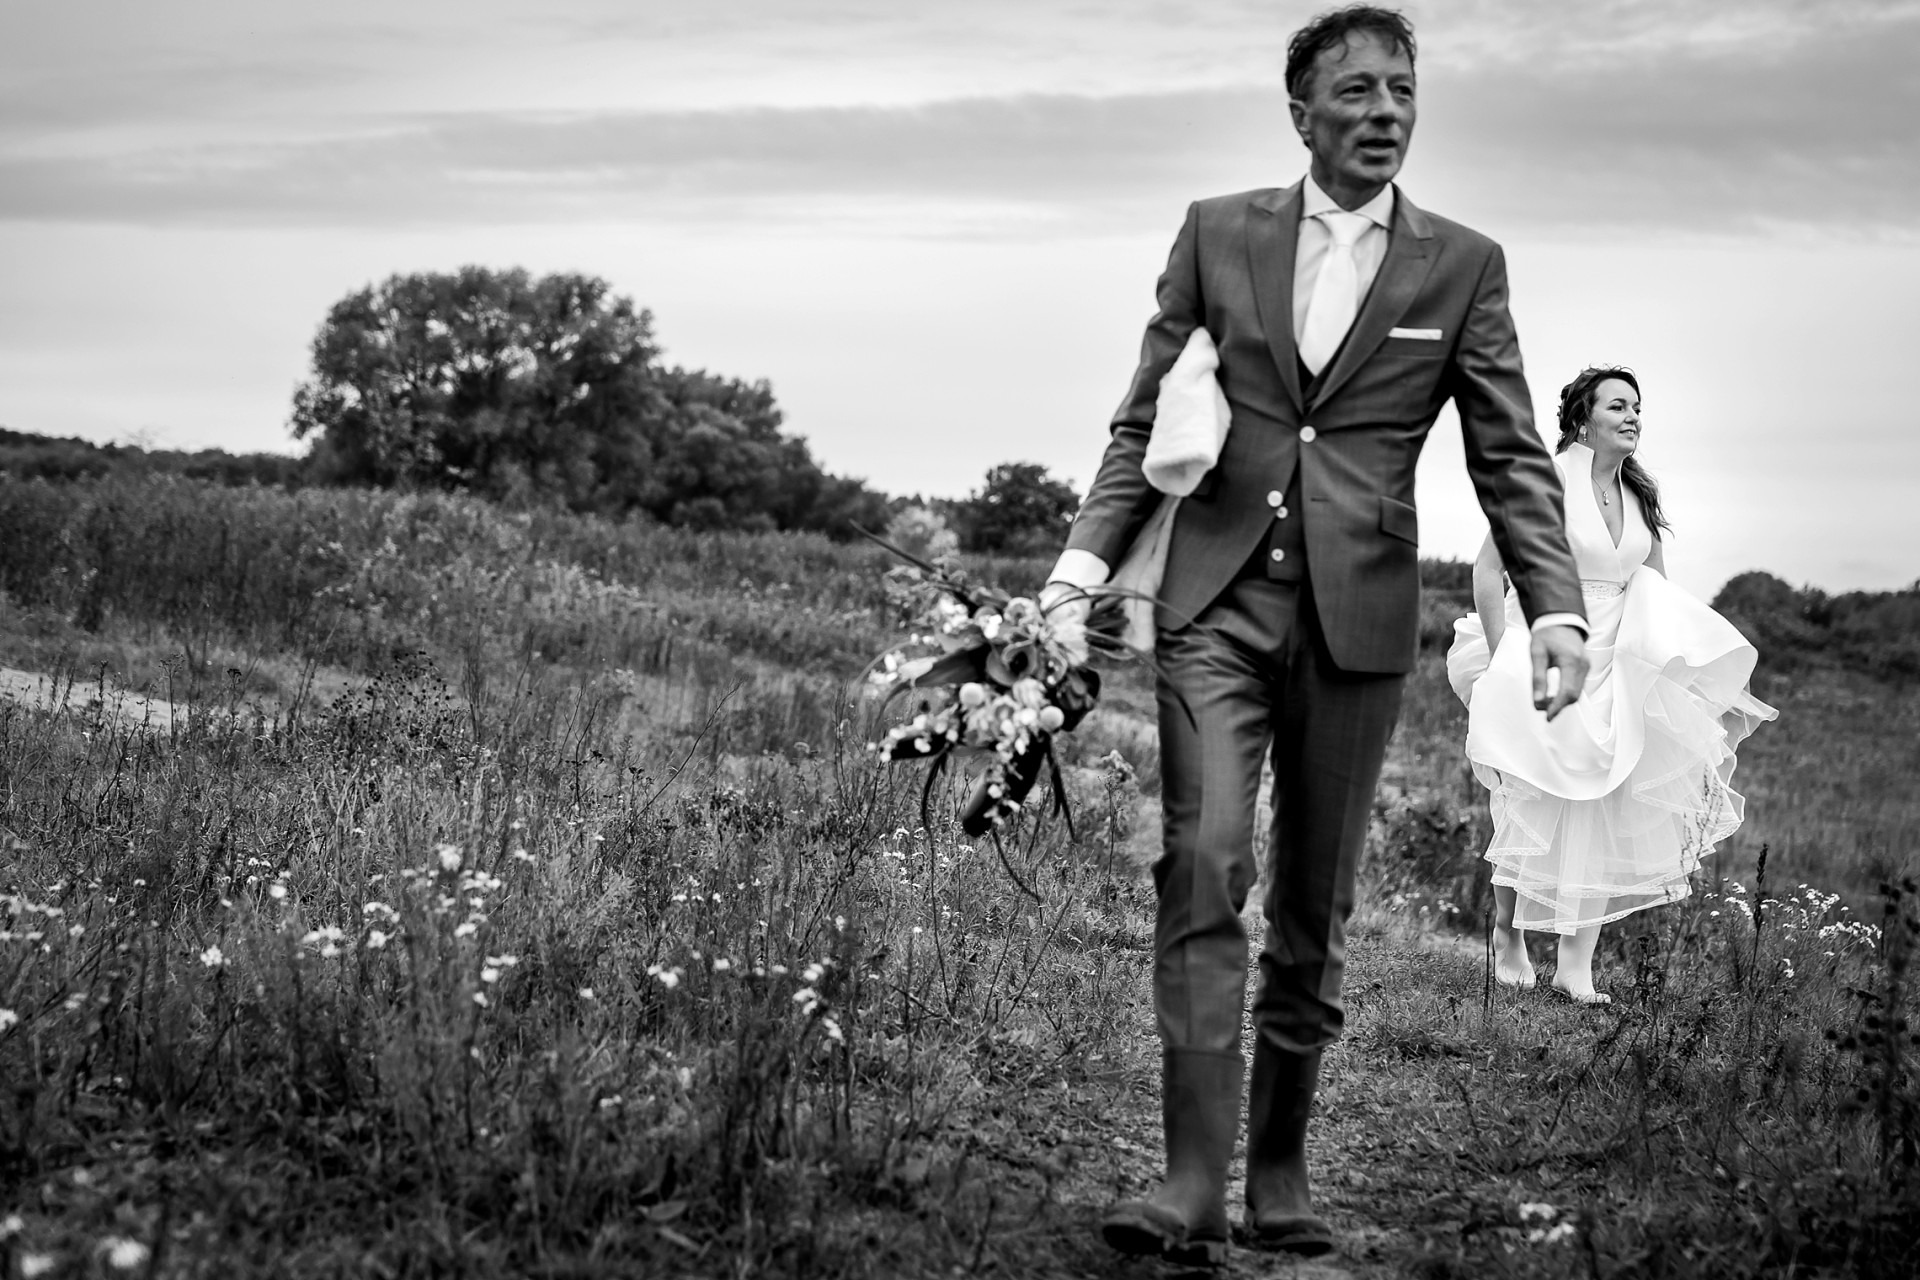 Trouwfotograaf Slot Doddendael | Bruidsfotograaf Beuningen